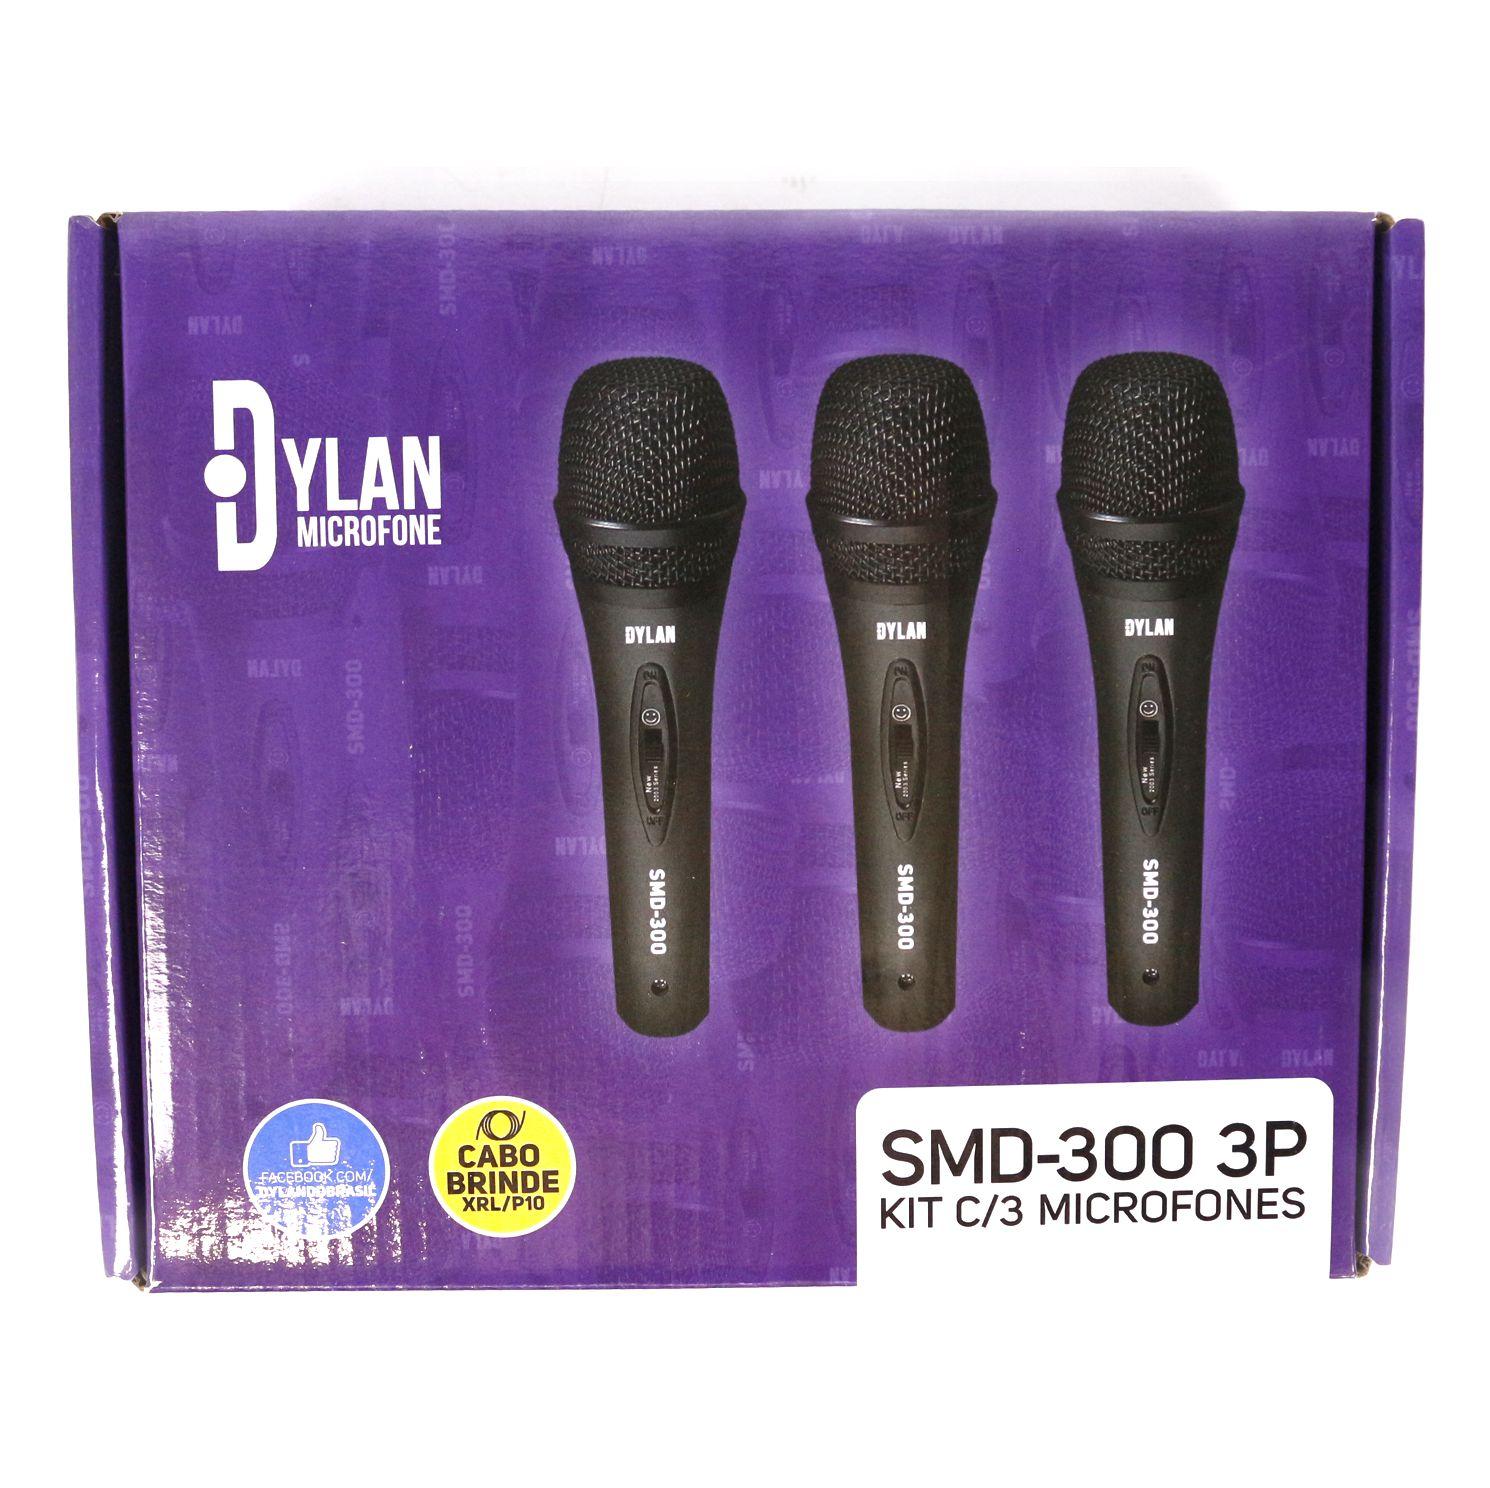 Kit com 3 Microfones Dinâmicos de Mão SMD 300 - DYLAN